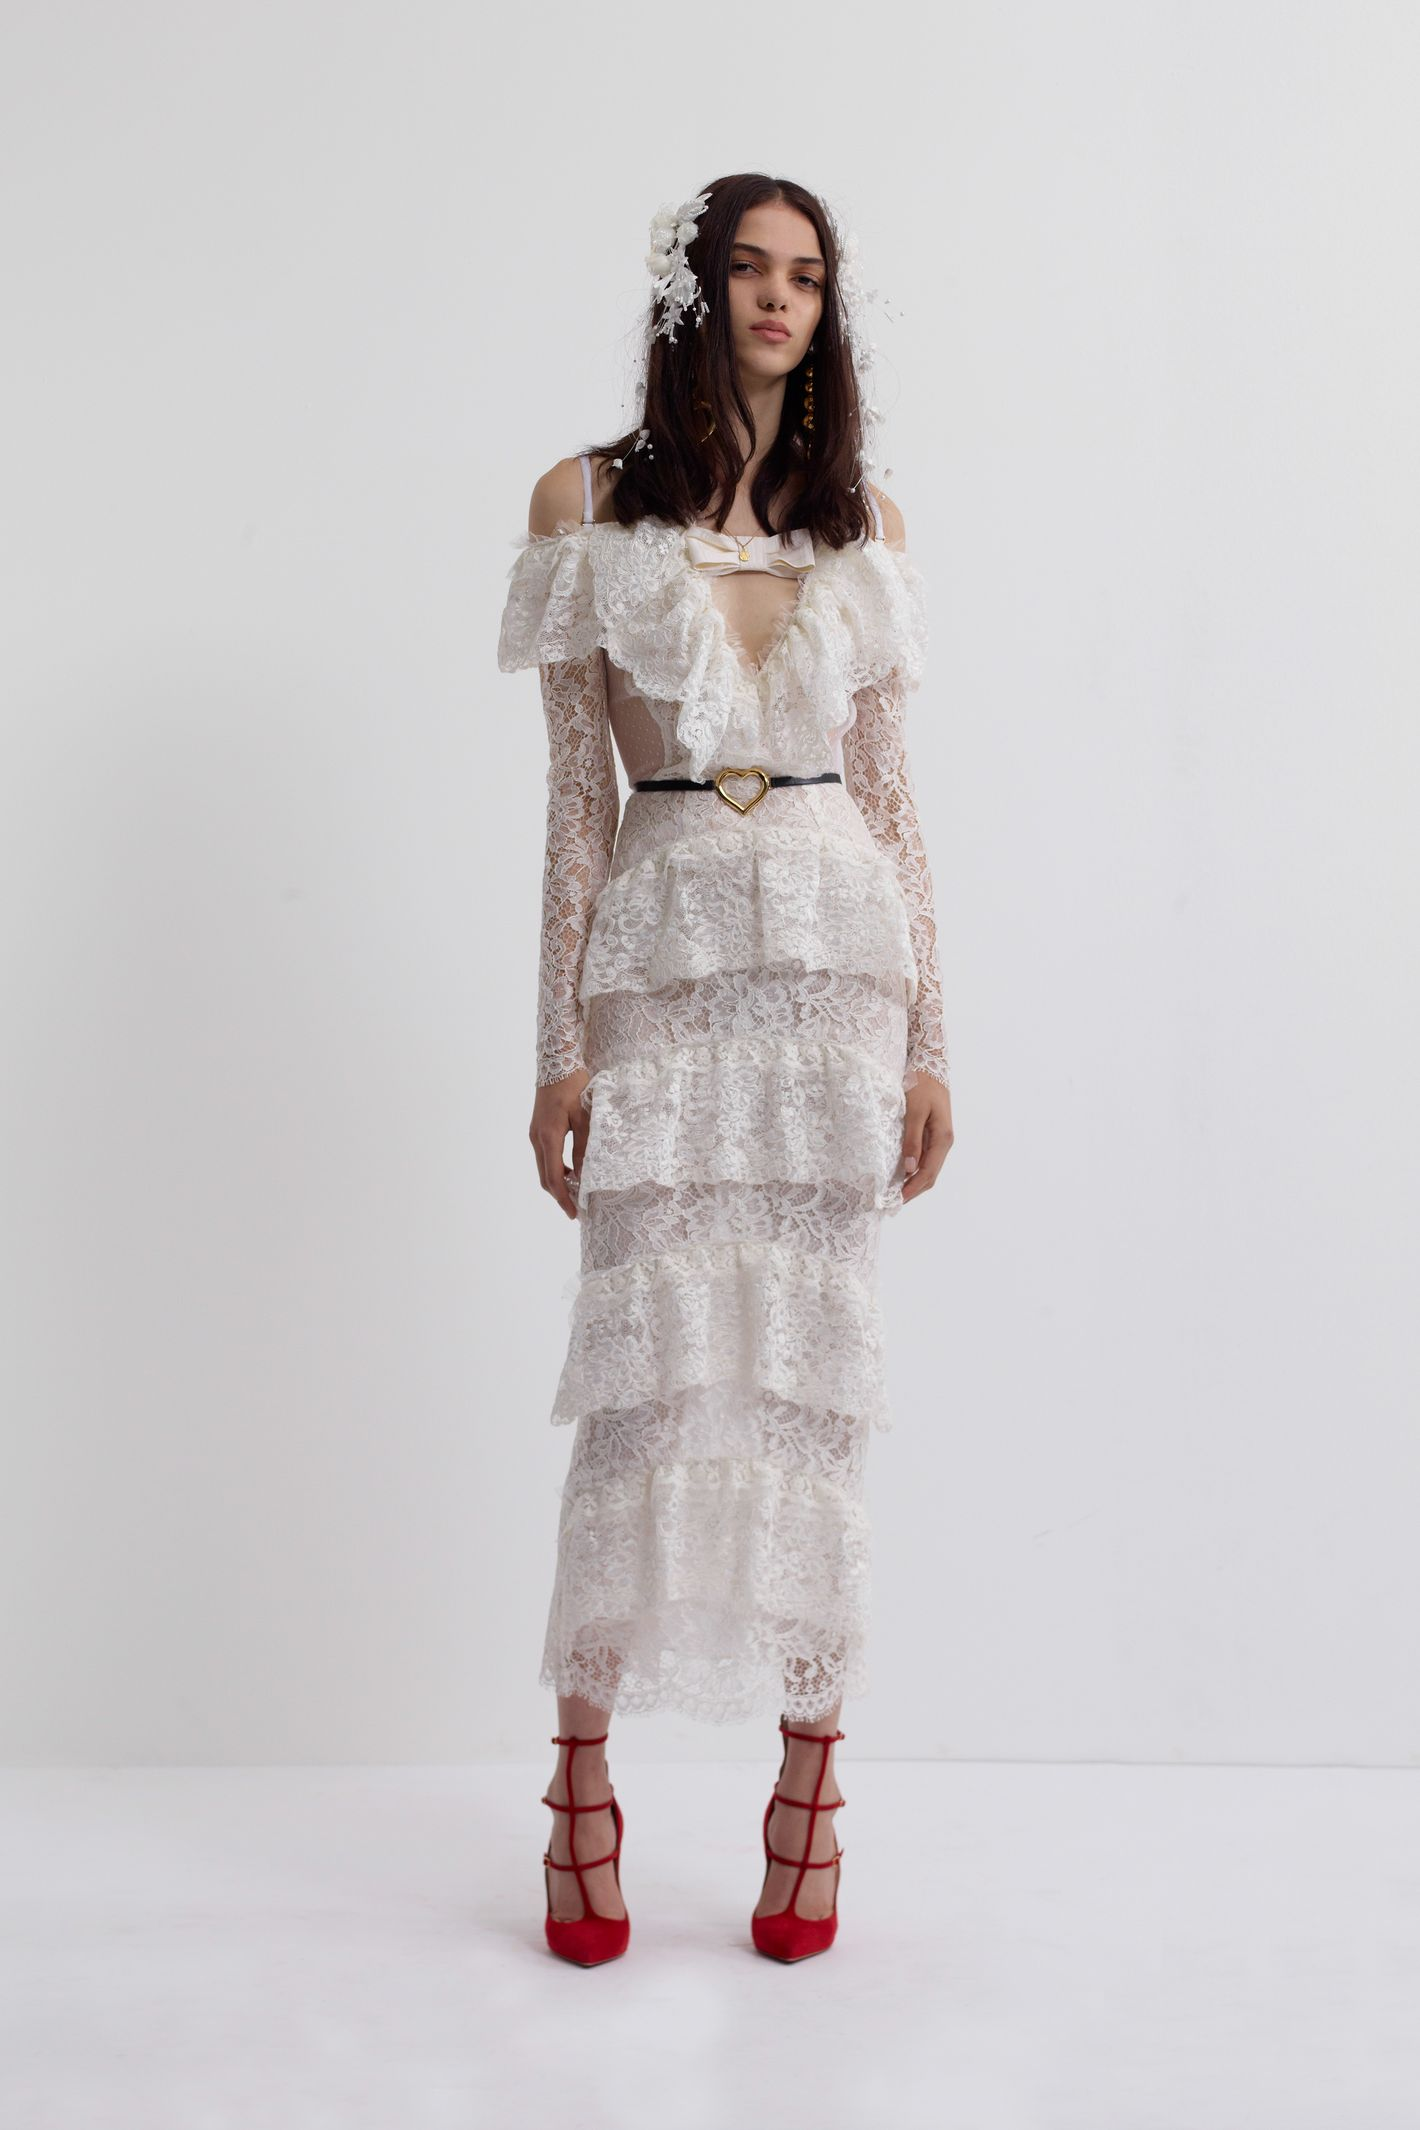 Beyonce 7 11 white dress